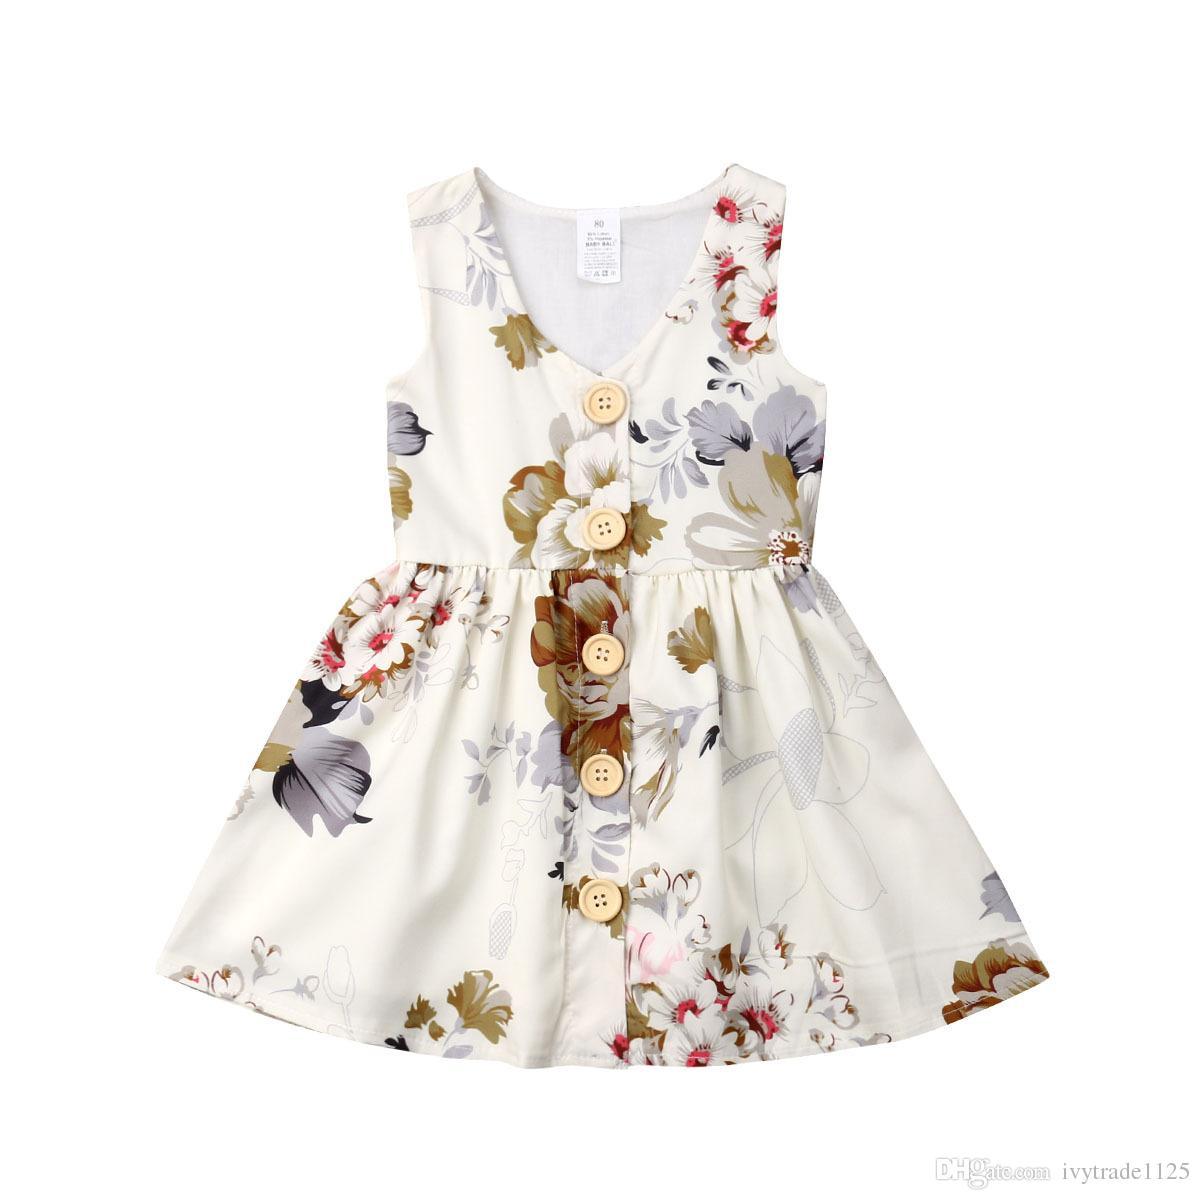 03f0689827b88 Satın Al Kız Çocuk Giyim Elbise Kolsuz Yuvarlak Yaka Tam Çiçek Baskı Kız  Yaz Lolita Prenses Elbise, $6.84 | DHgate.Com'da